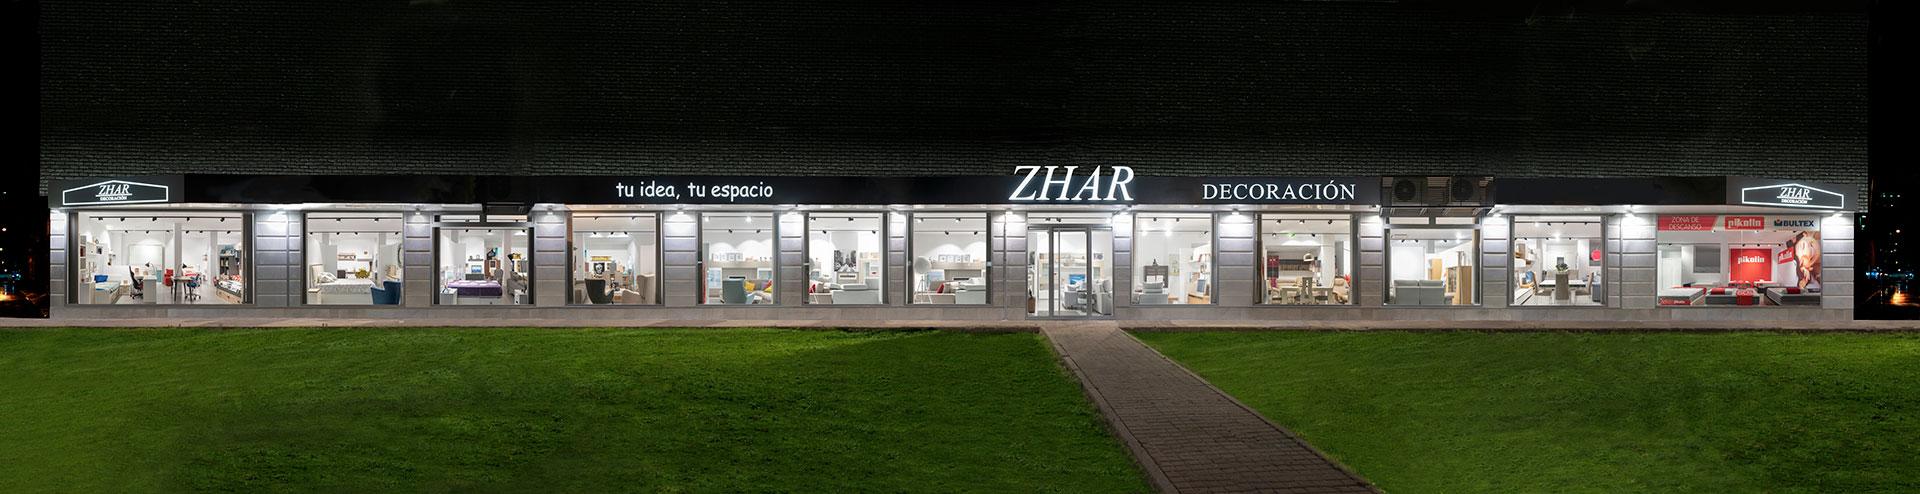 fachad tienda de muebles zhar